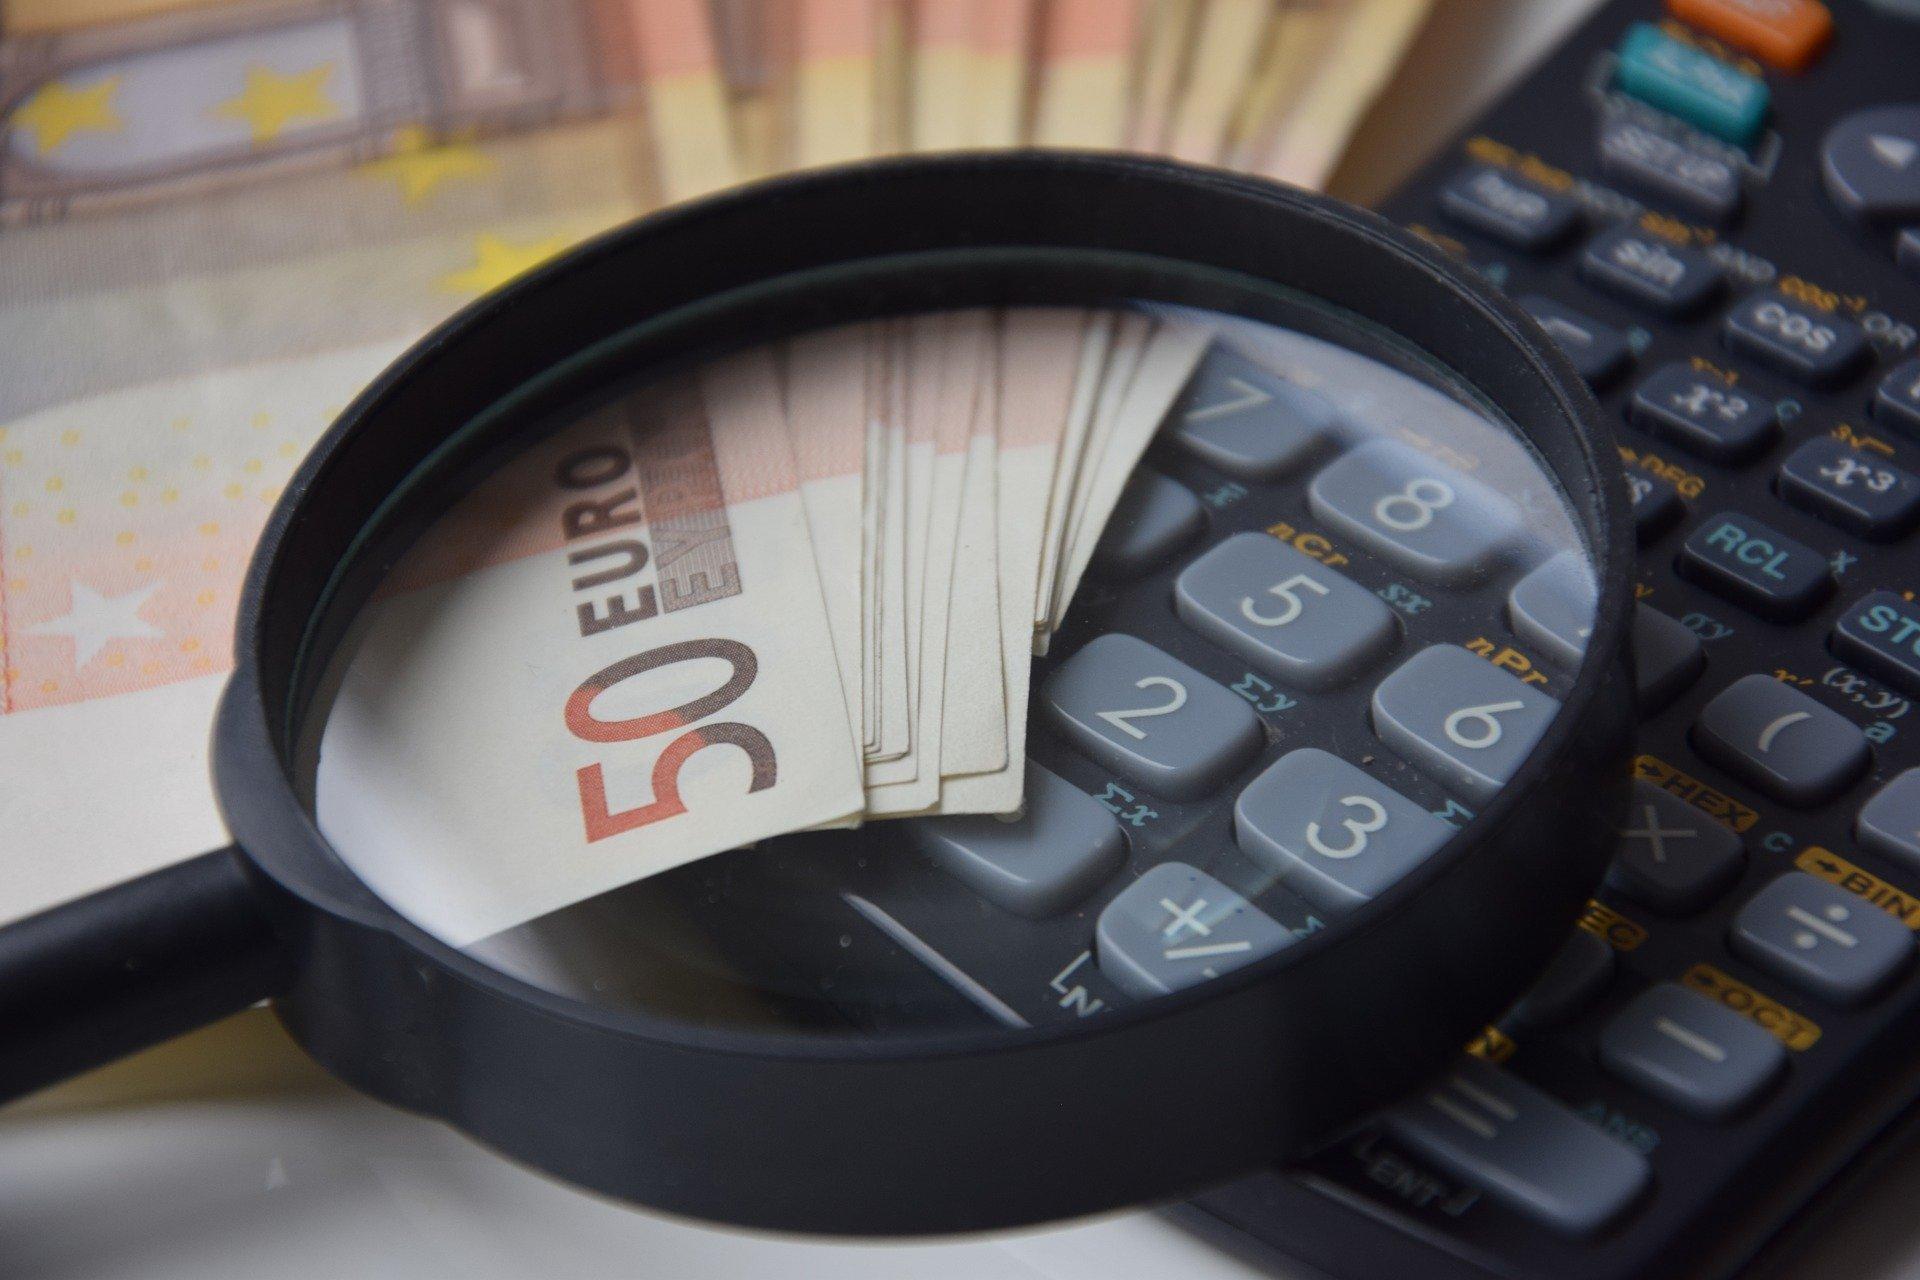 Refacturation des frais de déplacements professionnels, comment procéder ?